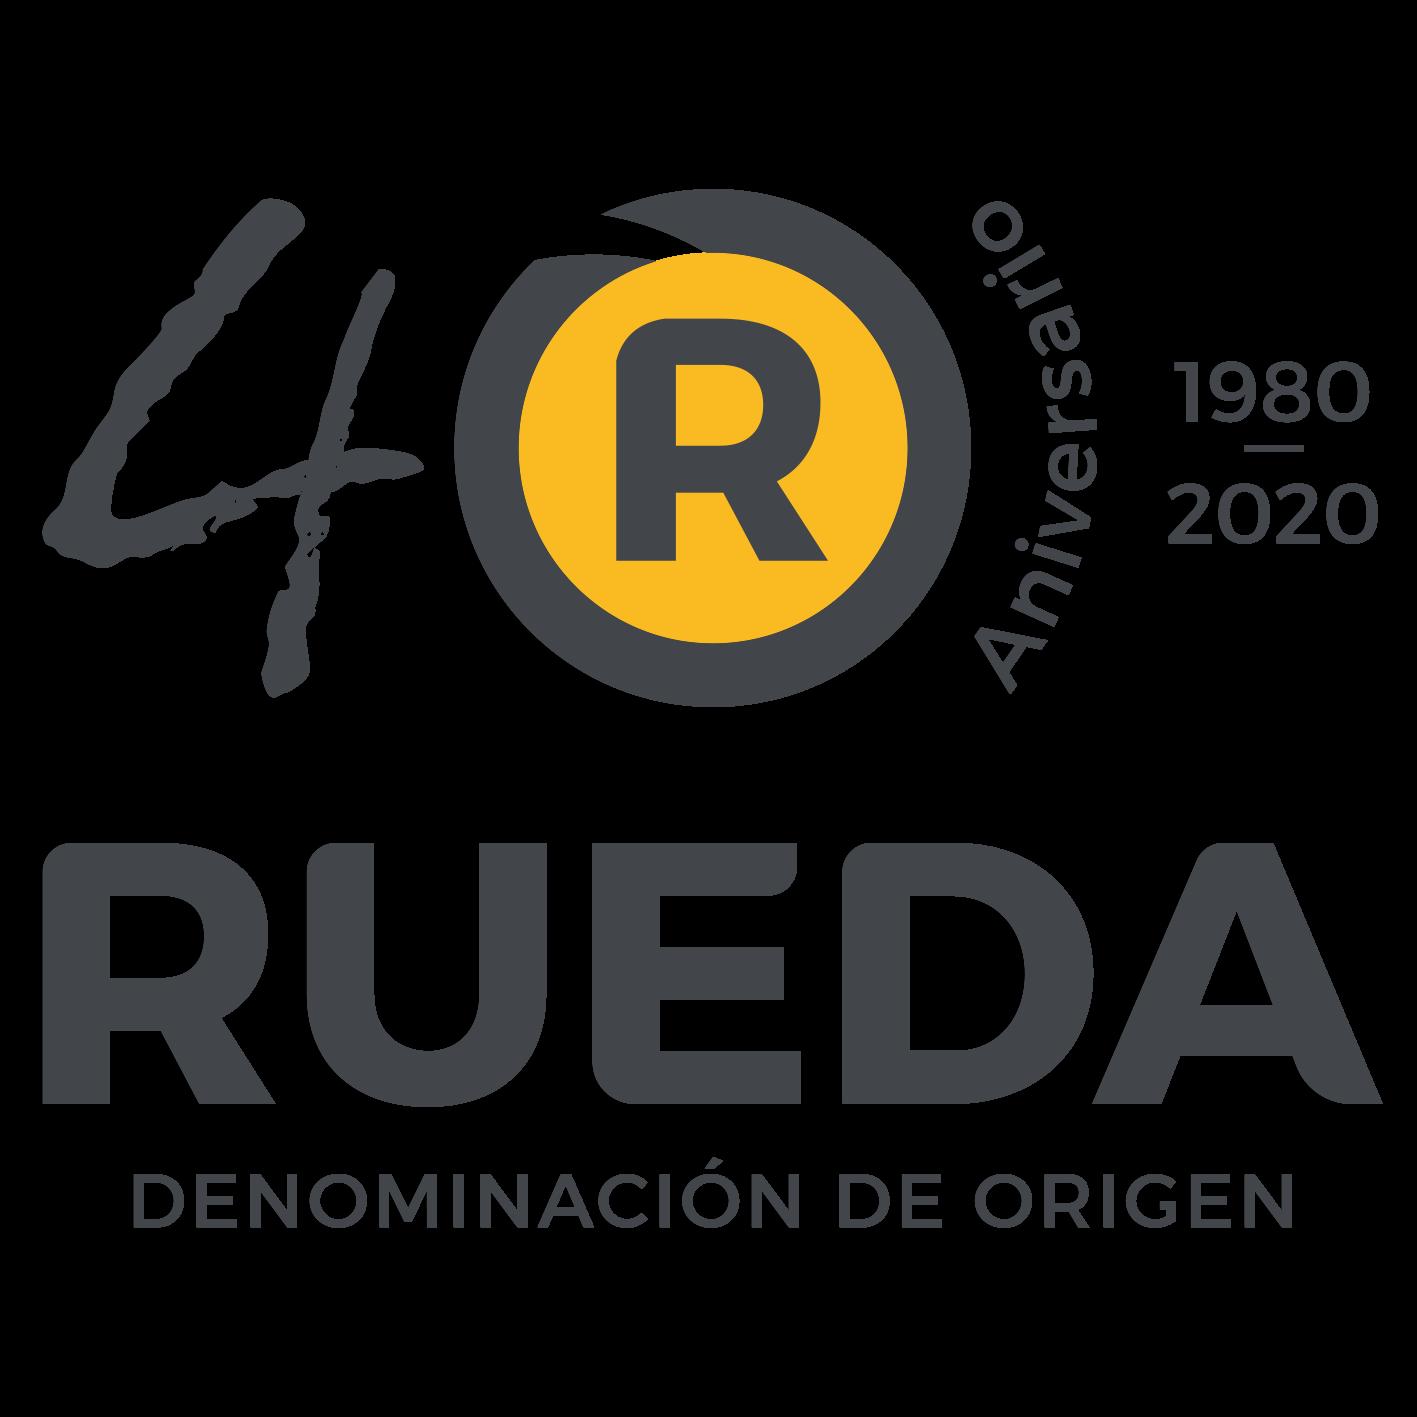 Vinos D.O. Rueda